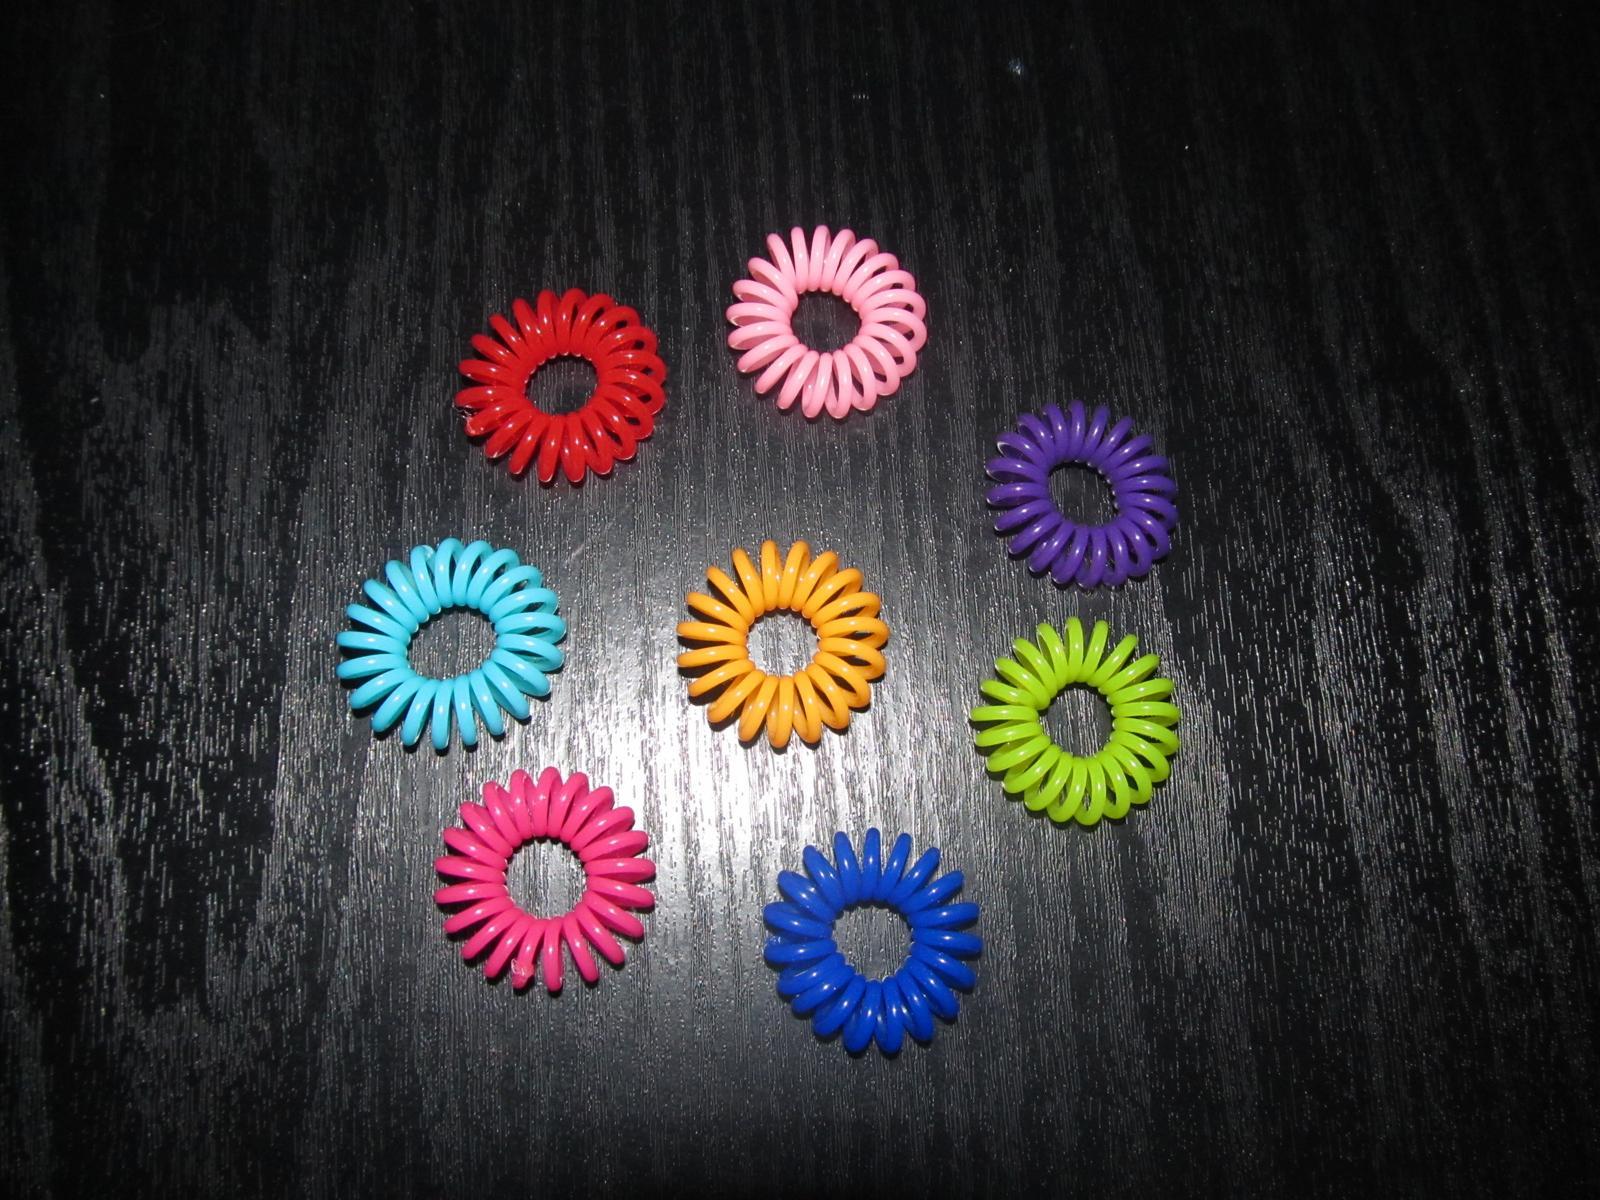 Papanga rozne farby - Obrázok č. 1